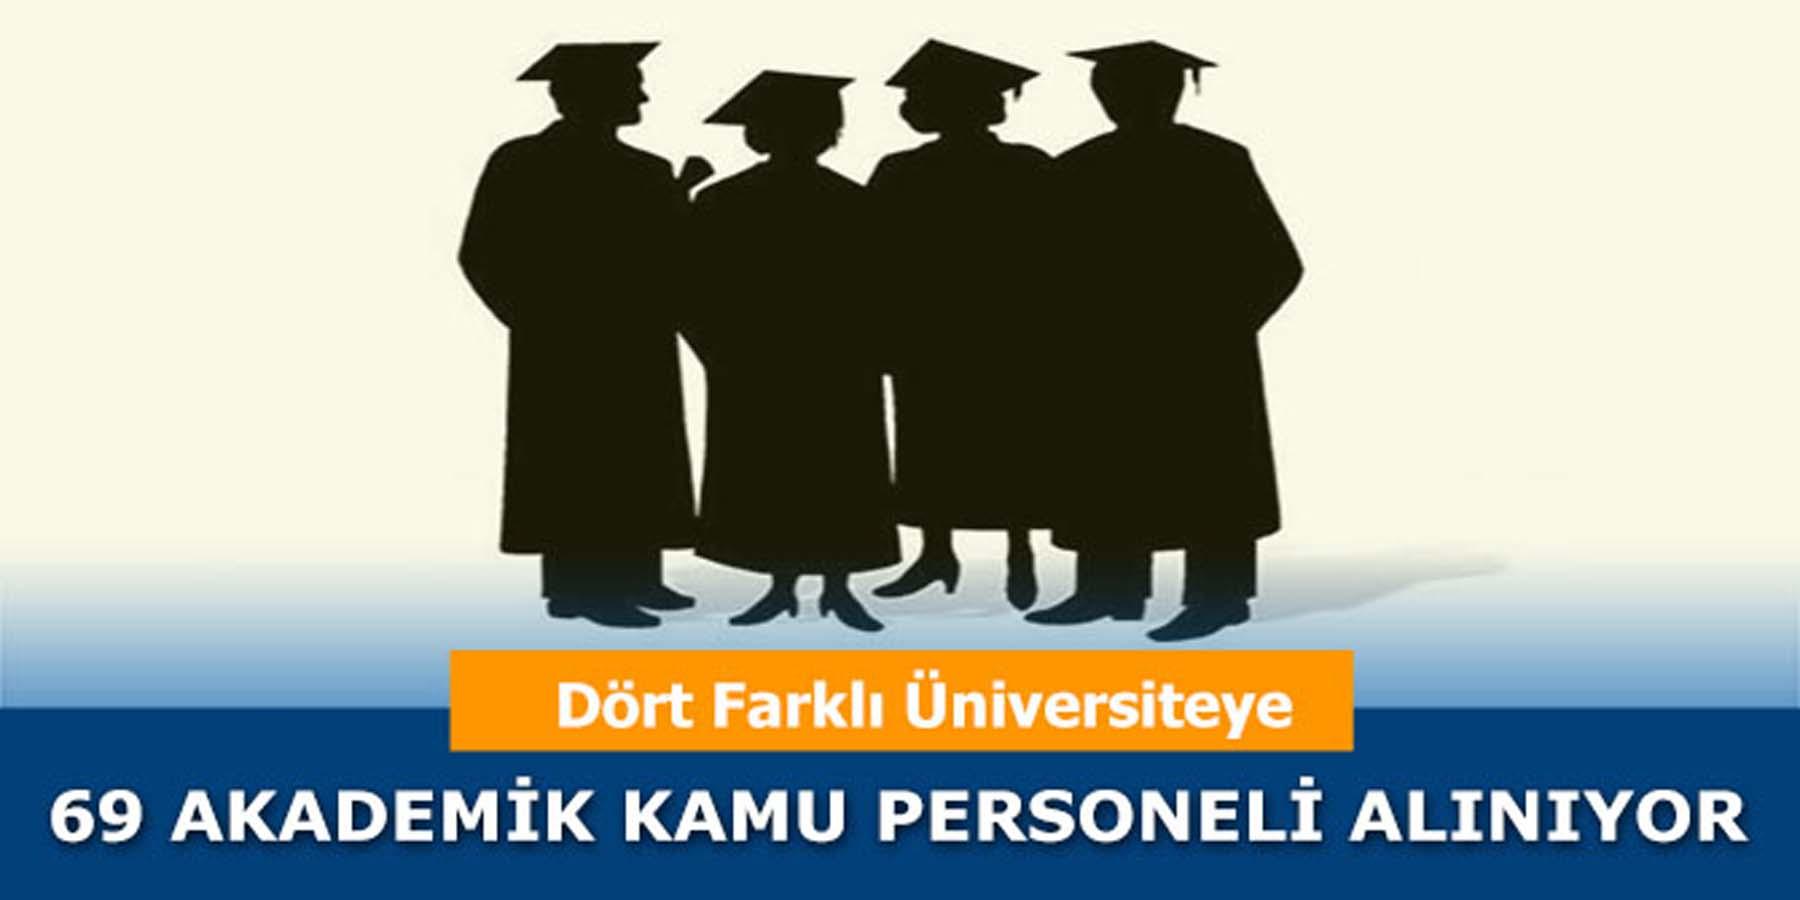 Dört Üniversite Bünyesine 69 Akademik Personel Alınıyor